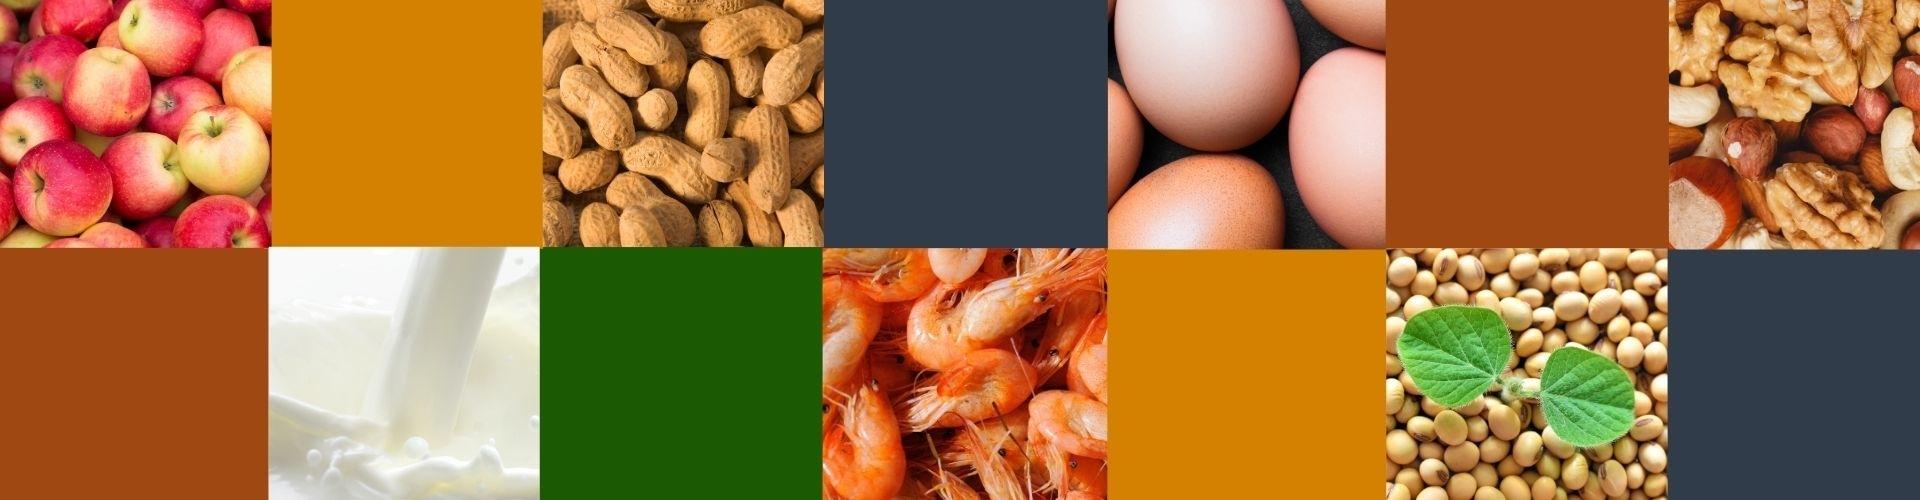 10 Feiten en Fabels over Voedselallergieën